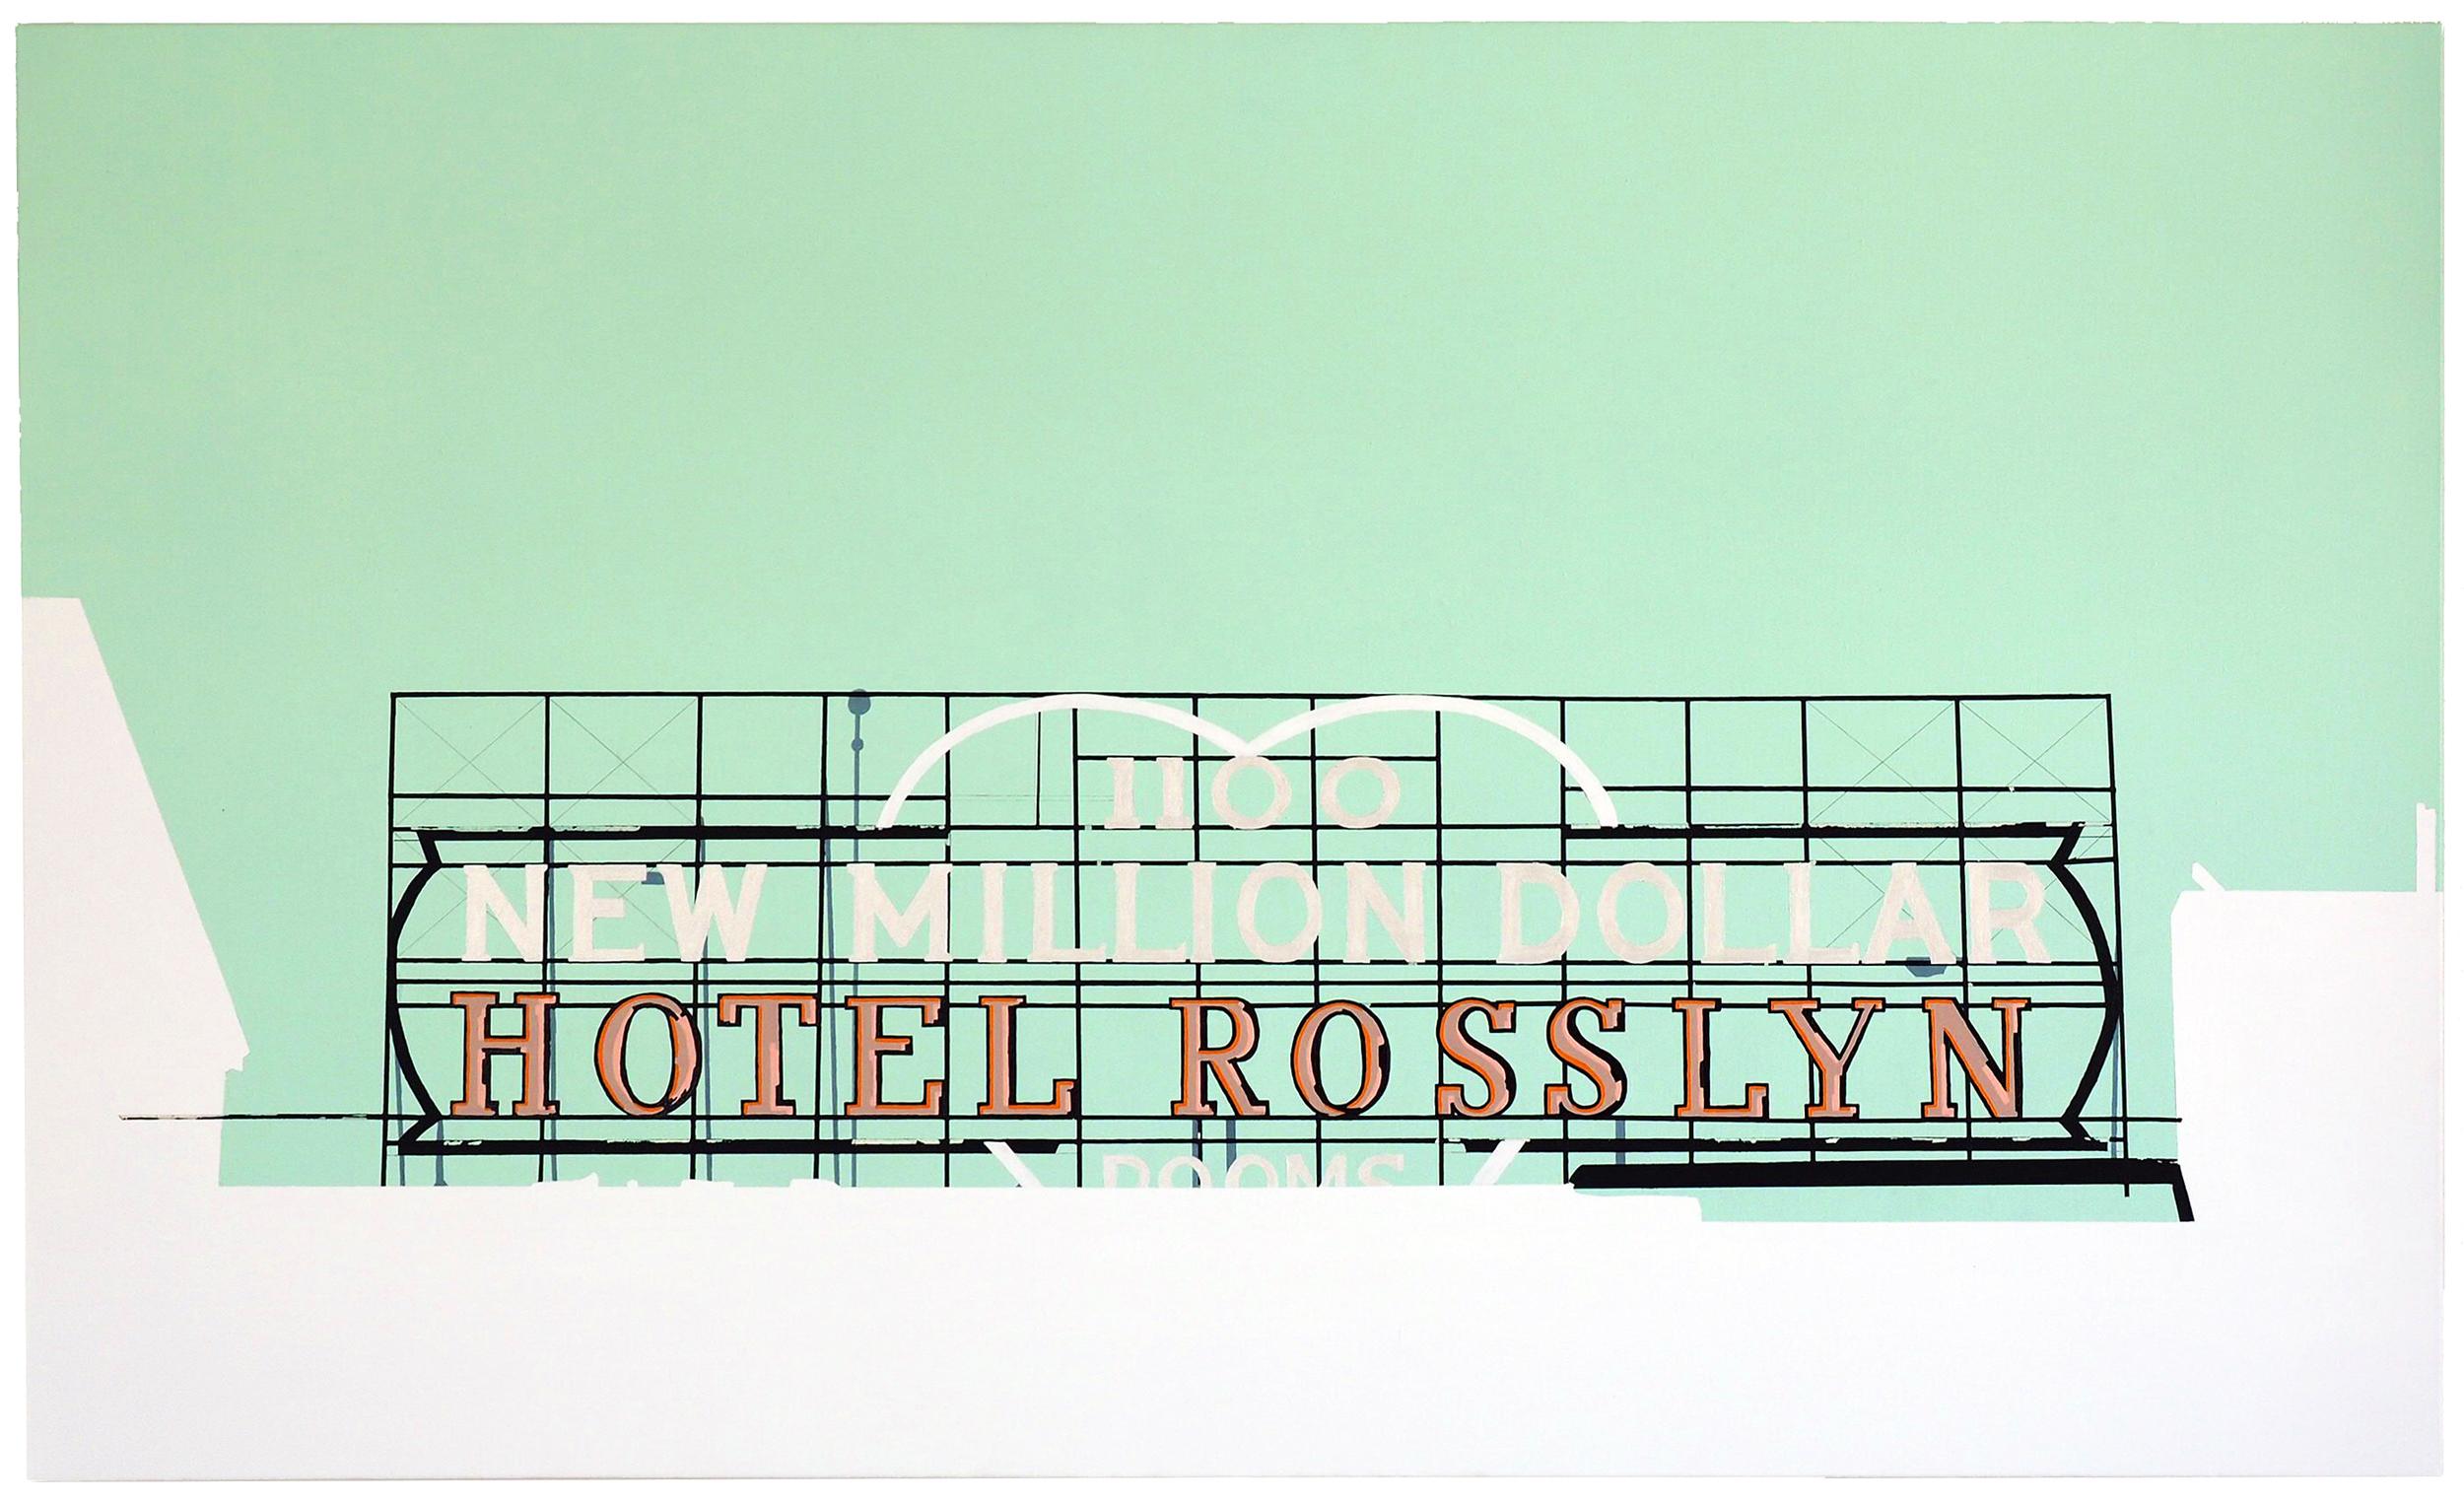 Hotel Rosslyn